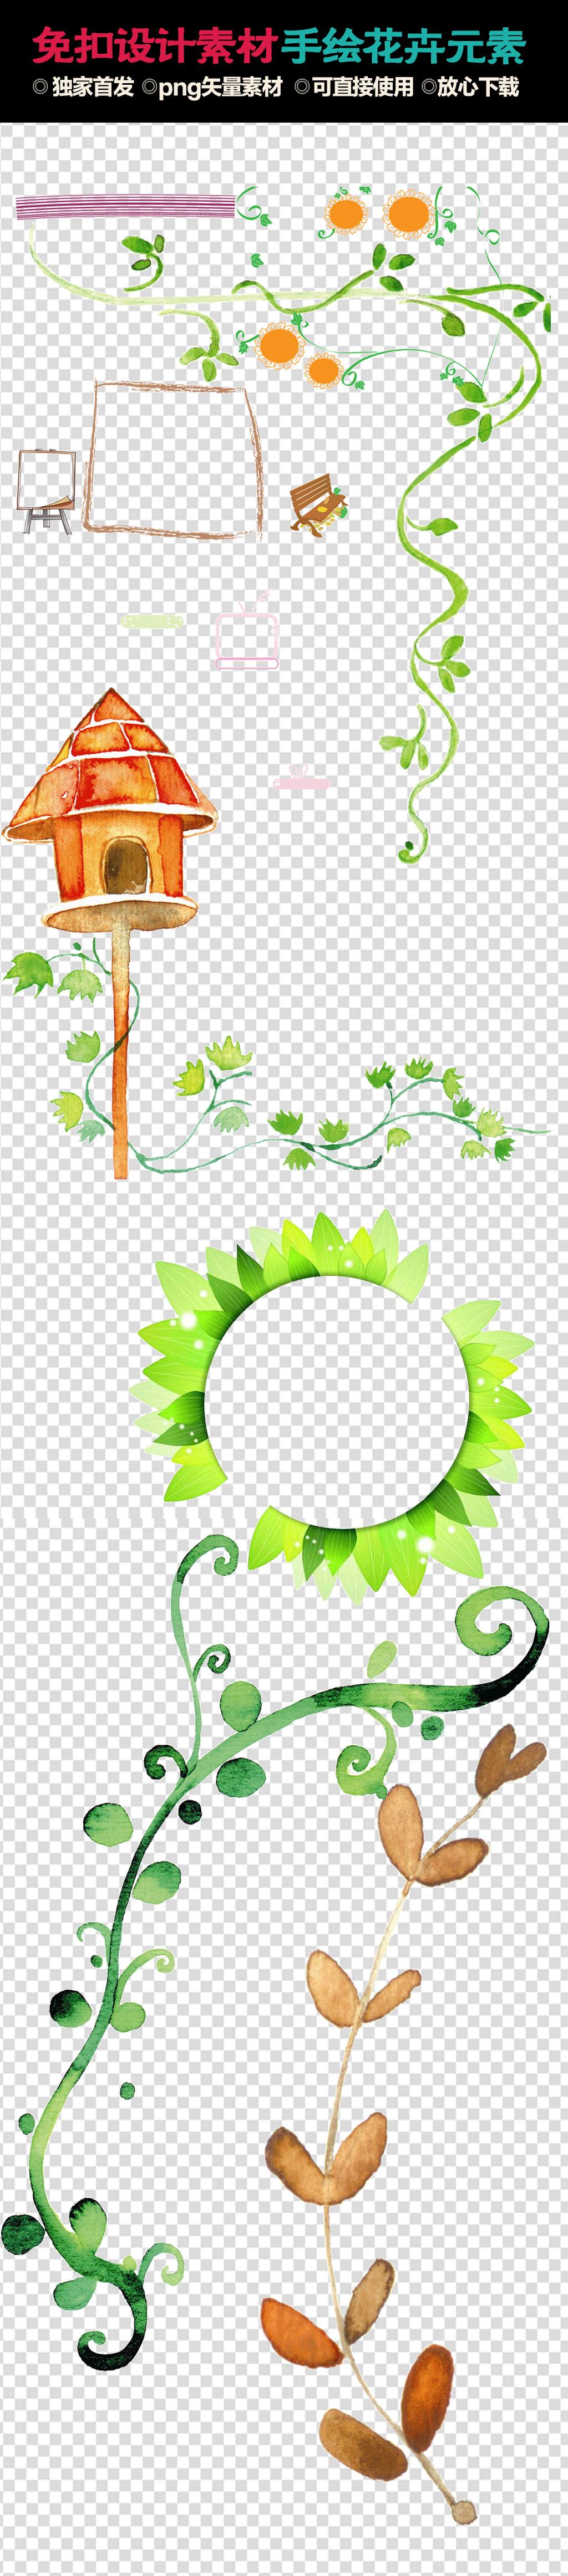 免扣设计素材手绘花卉元素手抄报背景模板下载 免扣设计素材手